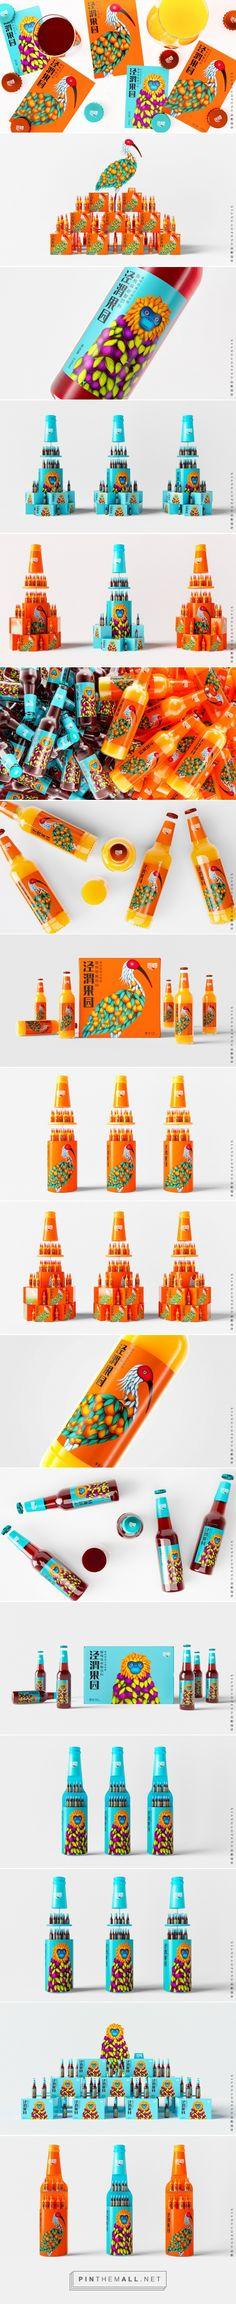 JingWei Orchard juice packaging design by Xian Gao Peng - http://www.packagingoftheworld.com/2018/01/jingwei-orchard.html - created via https://pinthemall.net